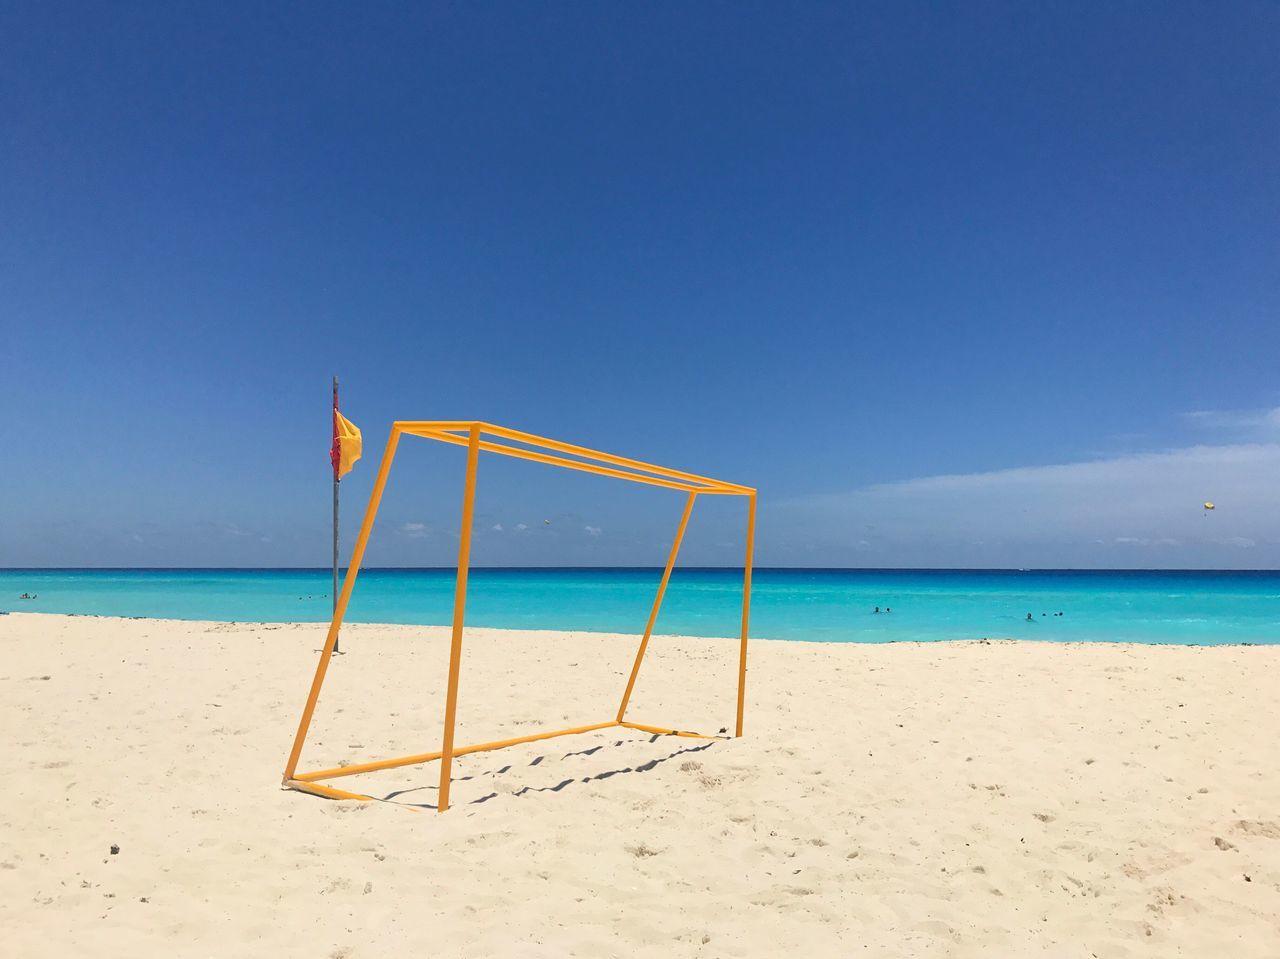 Soccer Goal Post At Sandy Beach Against Blue Sky